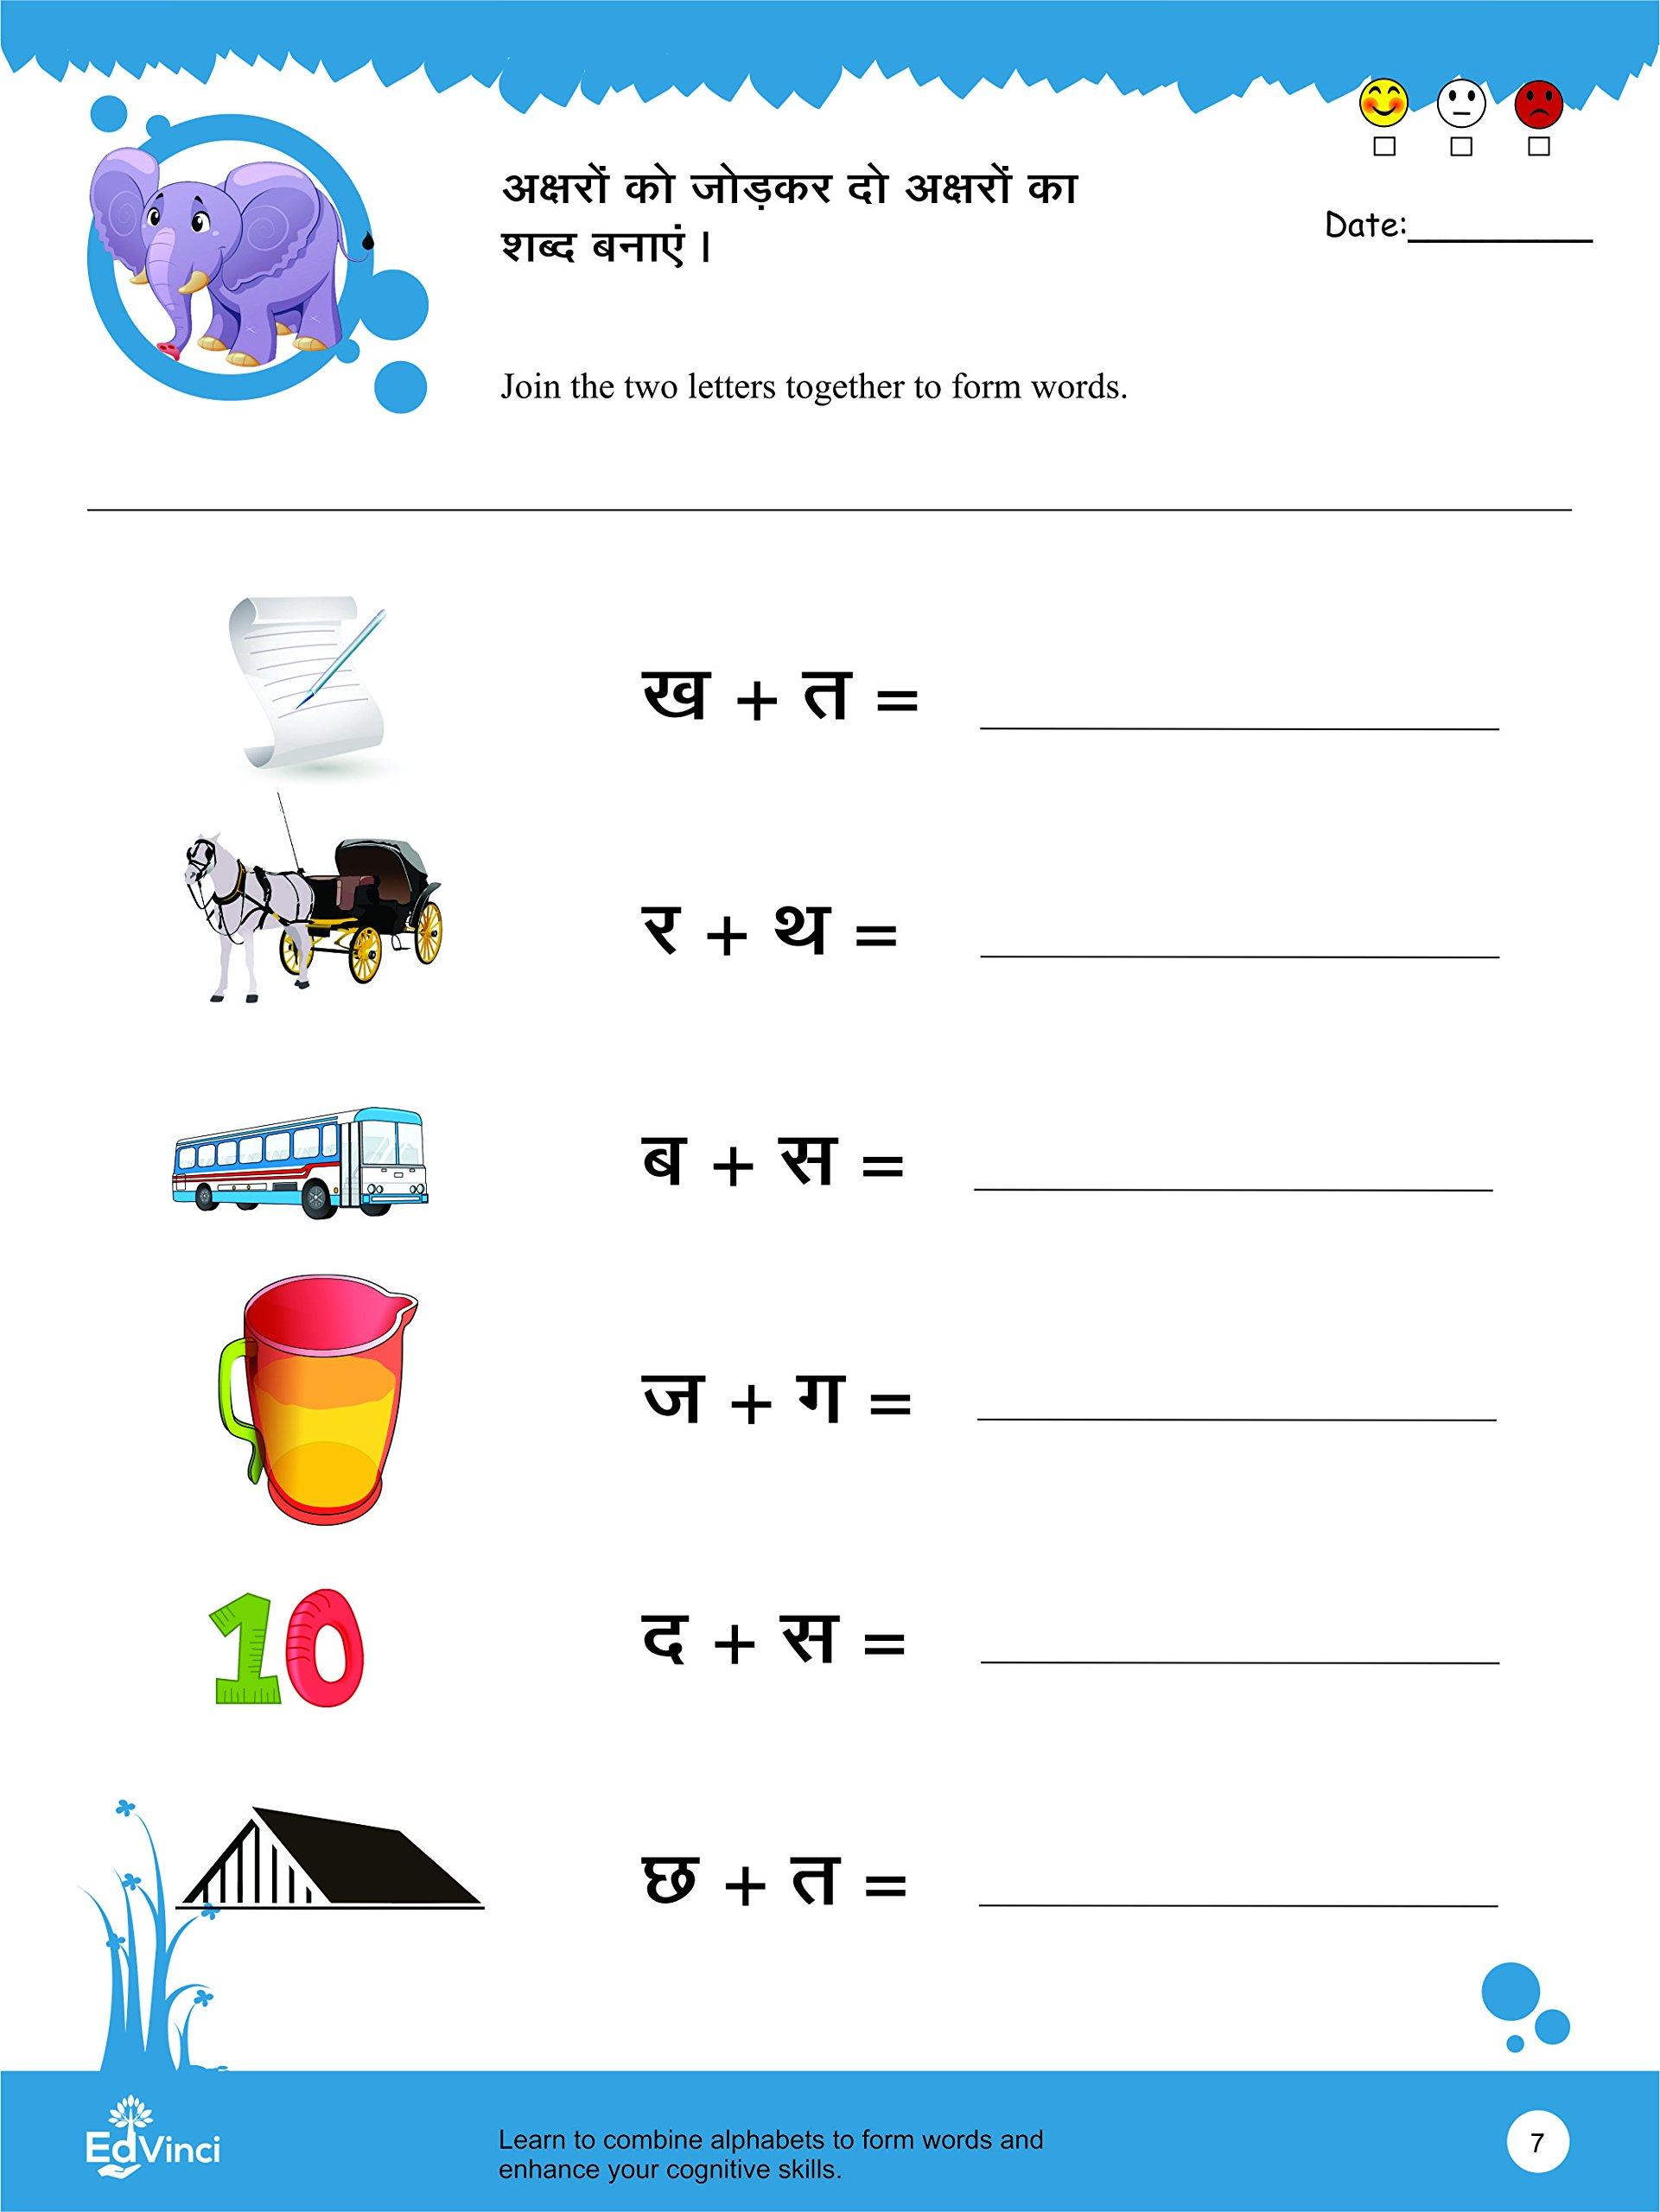 Buy Edvinci Kriyasheets Hindi Worksheets Bundle For 1st Grade